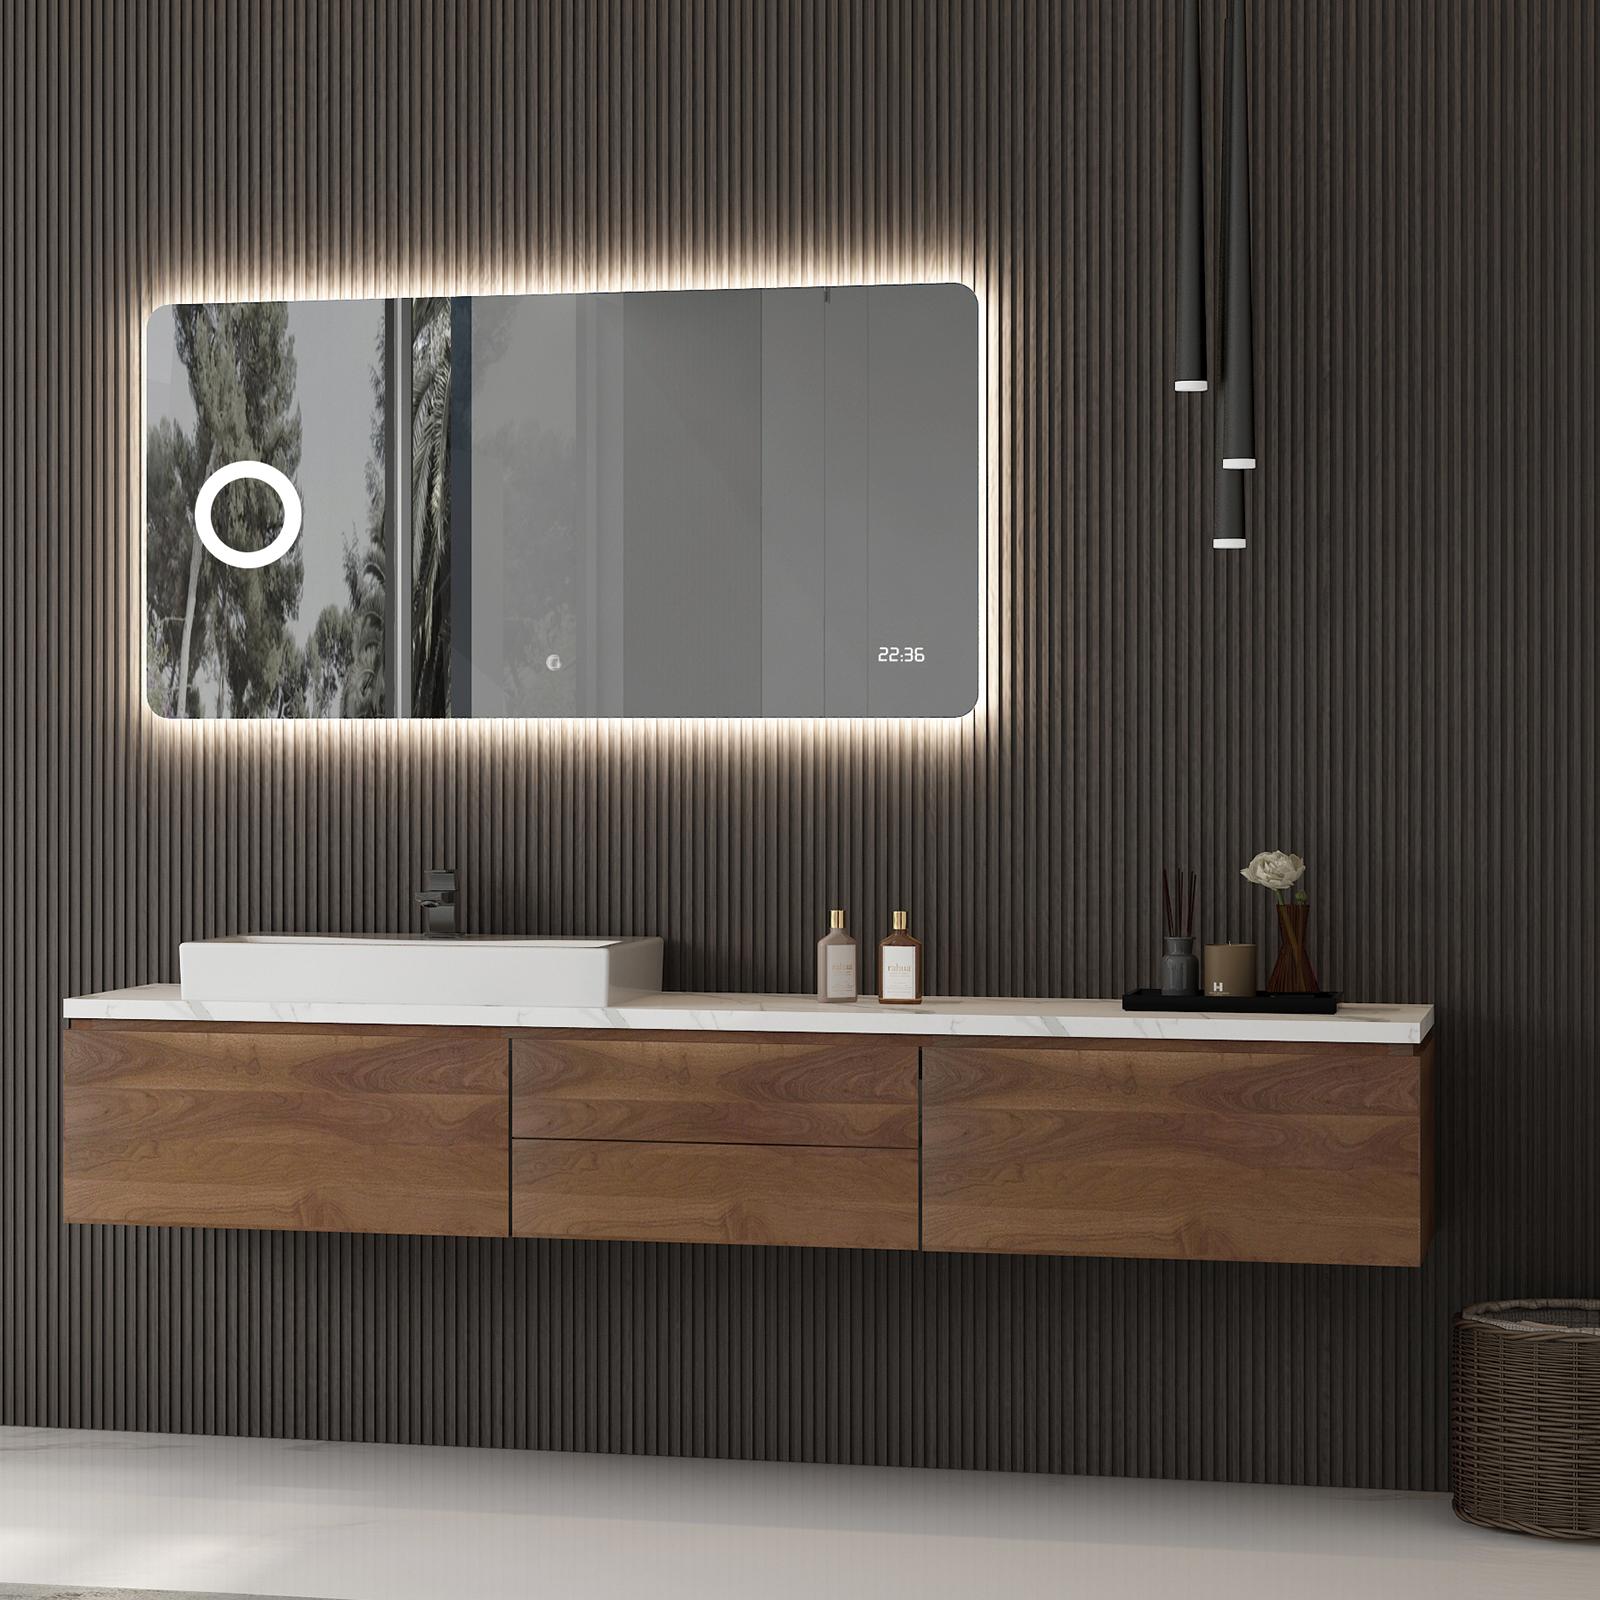 LED Lichtspiegel Badspiegel 2436 mit Spiegelheizung, Kosmetikspiegel & Digitaluhr - Breite wählbar